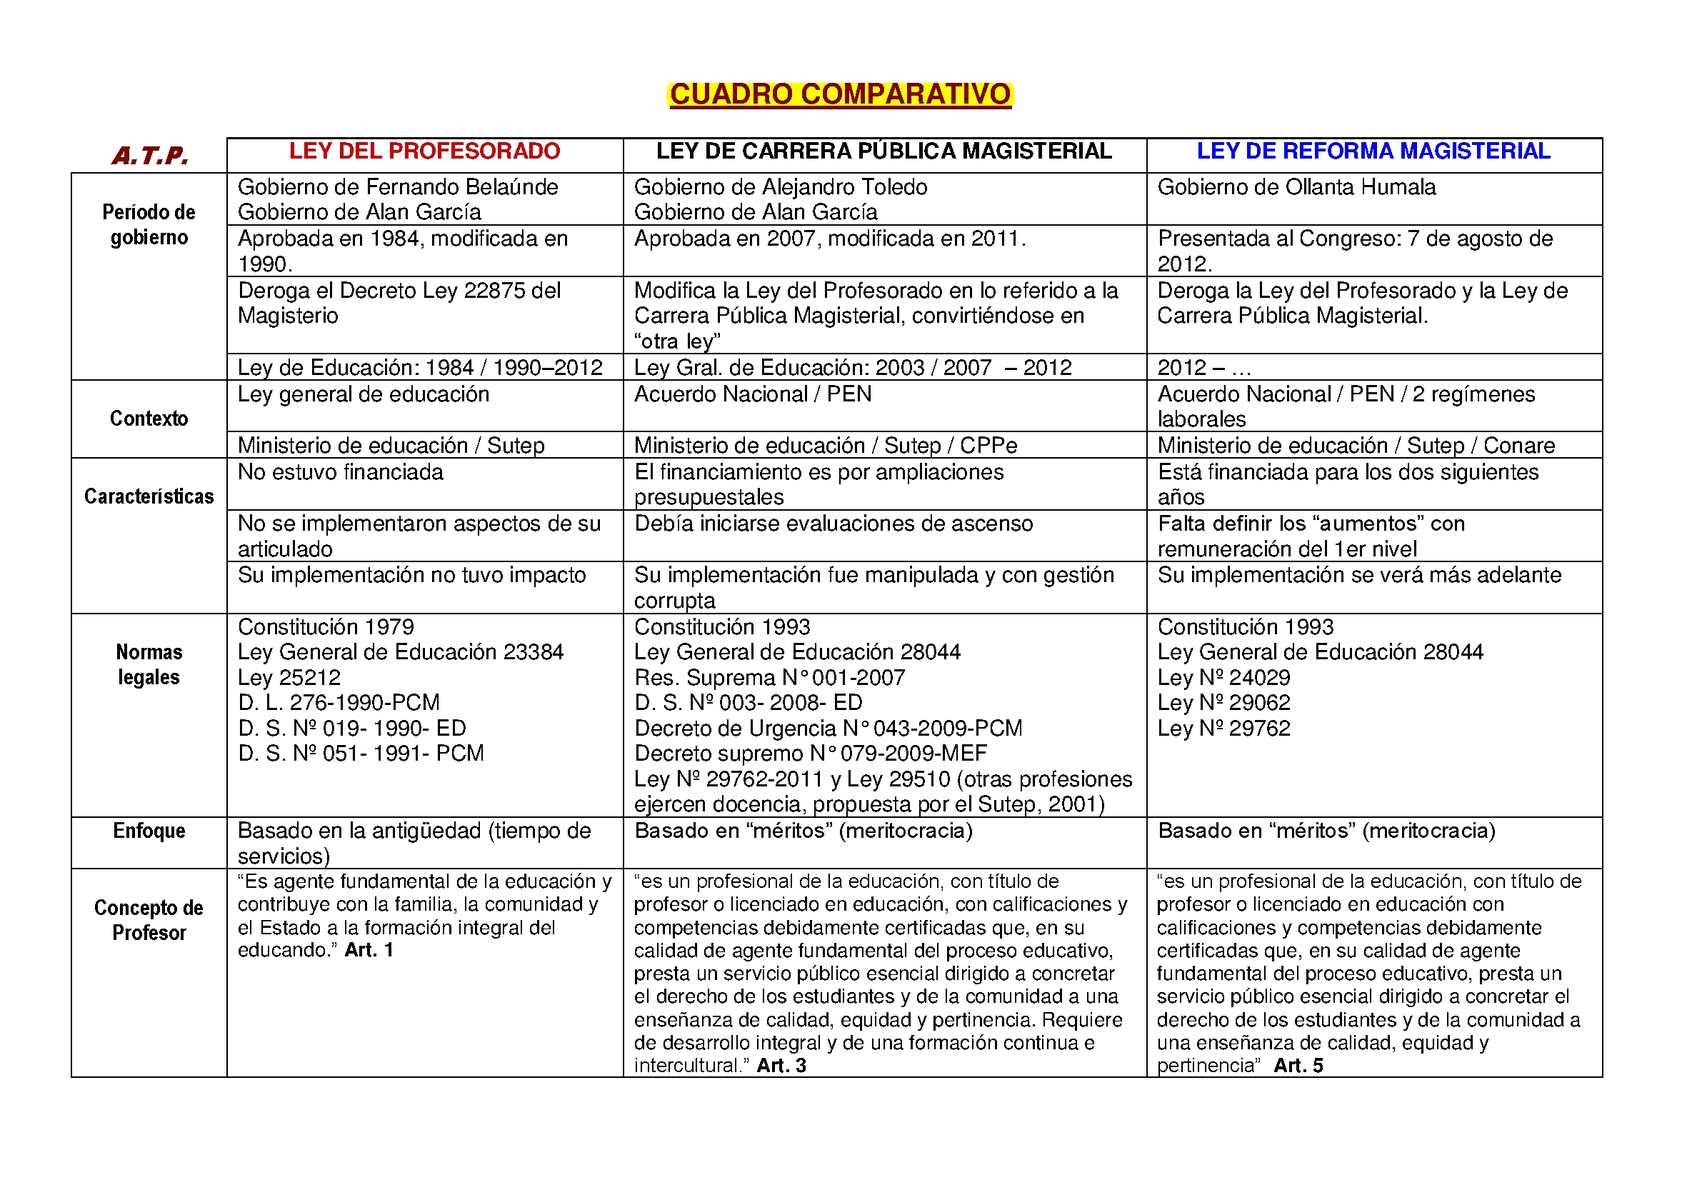 Calaméo - CUADRO COMPARATIVO TRES LEYES ACTUALES